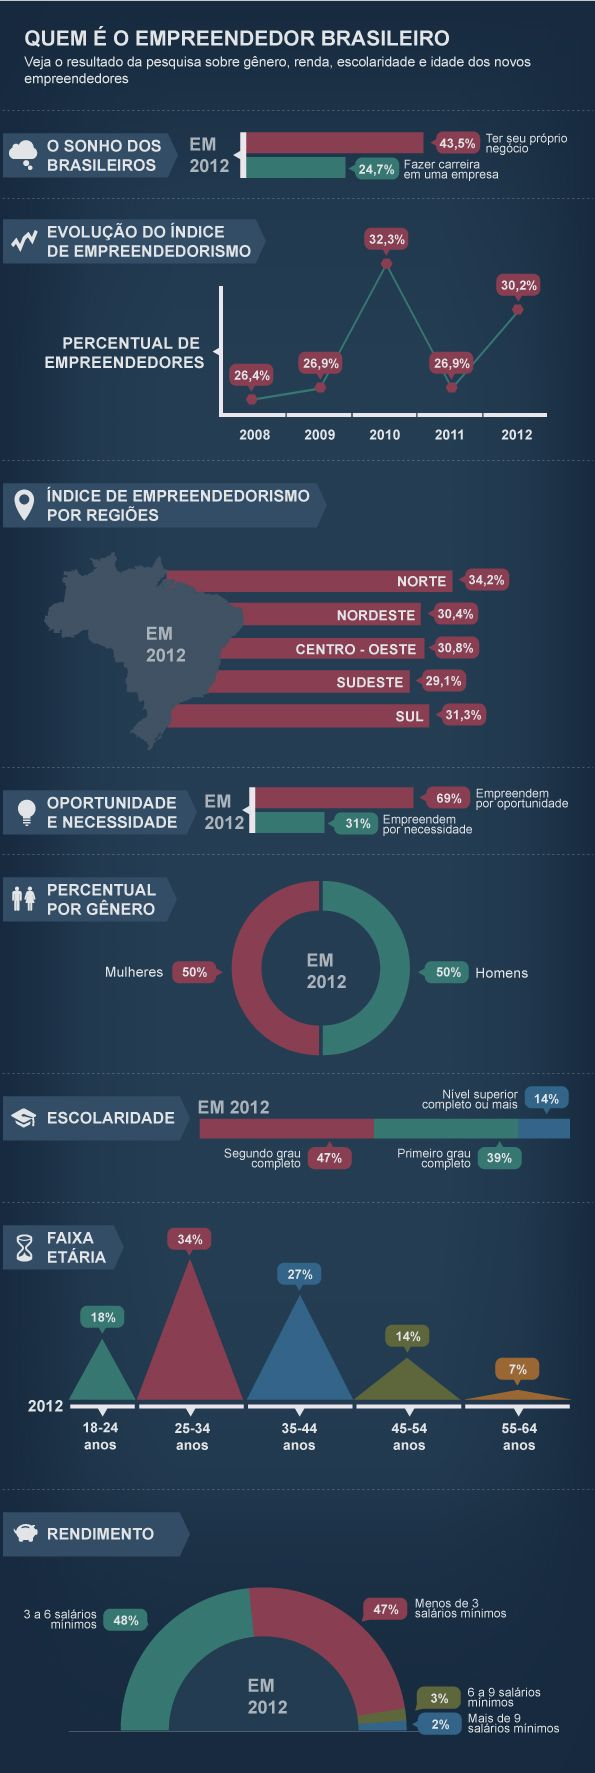 A revista Exame elaborou um infográfico a partir dos dados da pesquisa 'Global Entrepreneurship Monitor' que traz um perfil do empreendedor brasileiro.